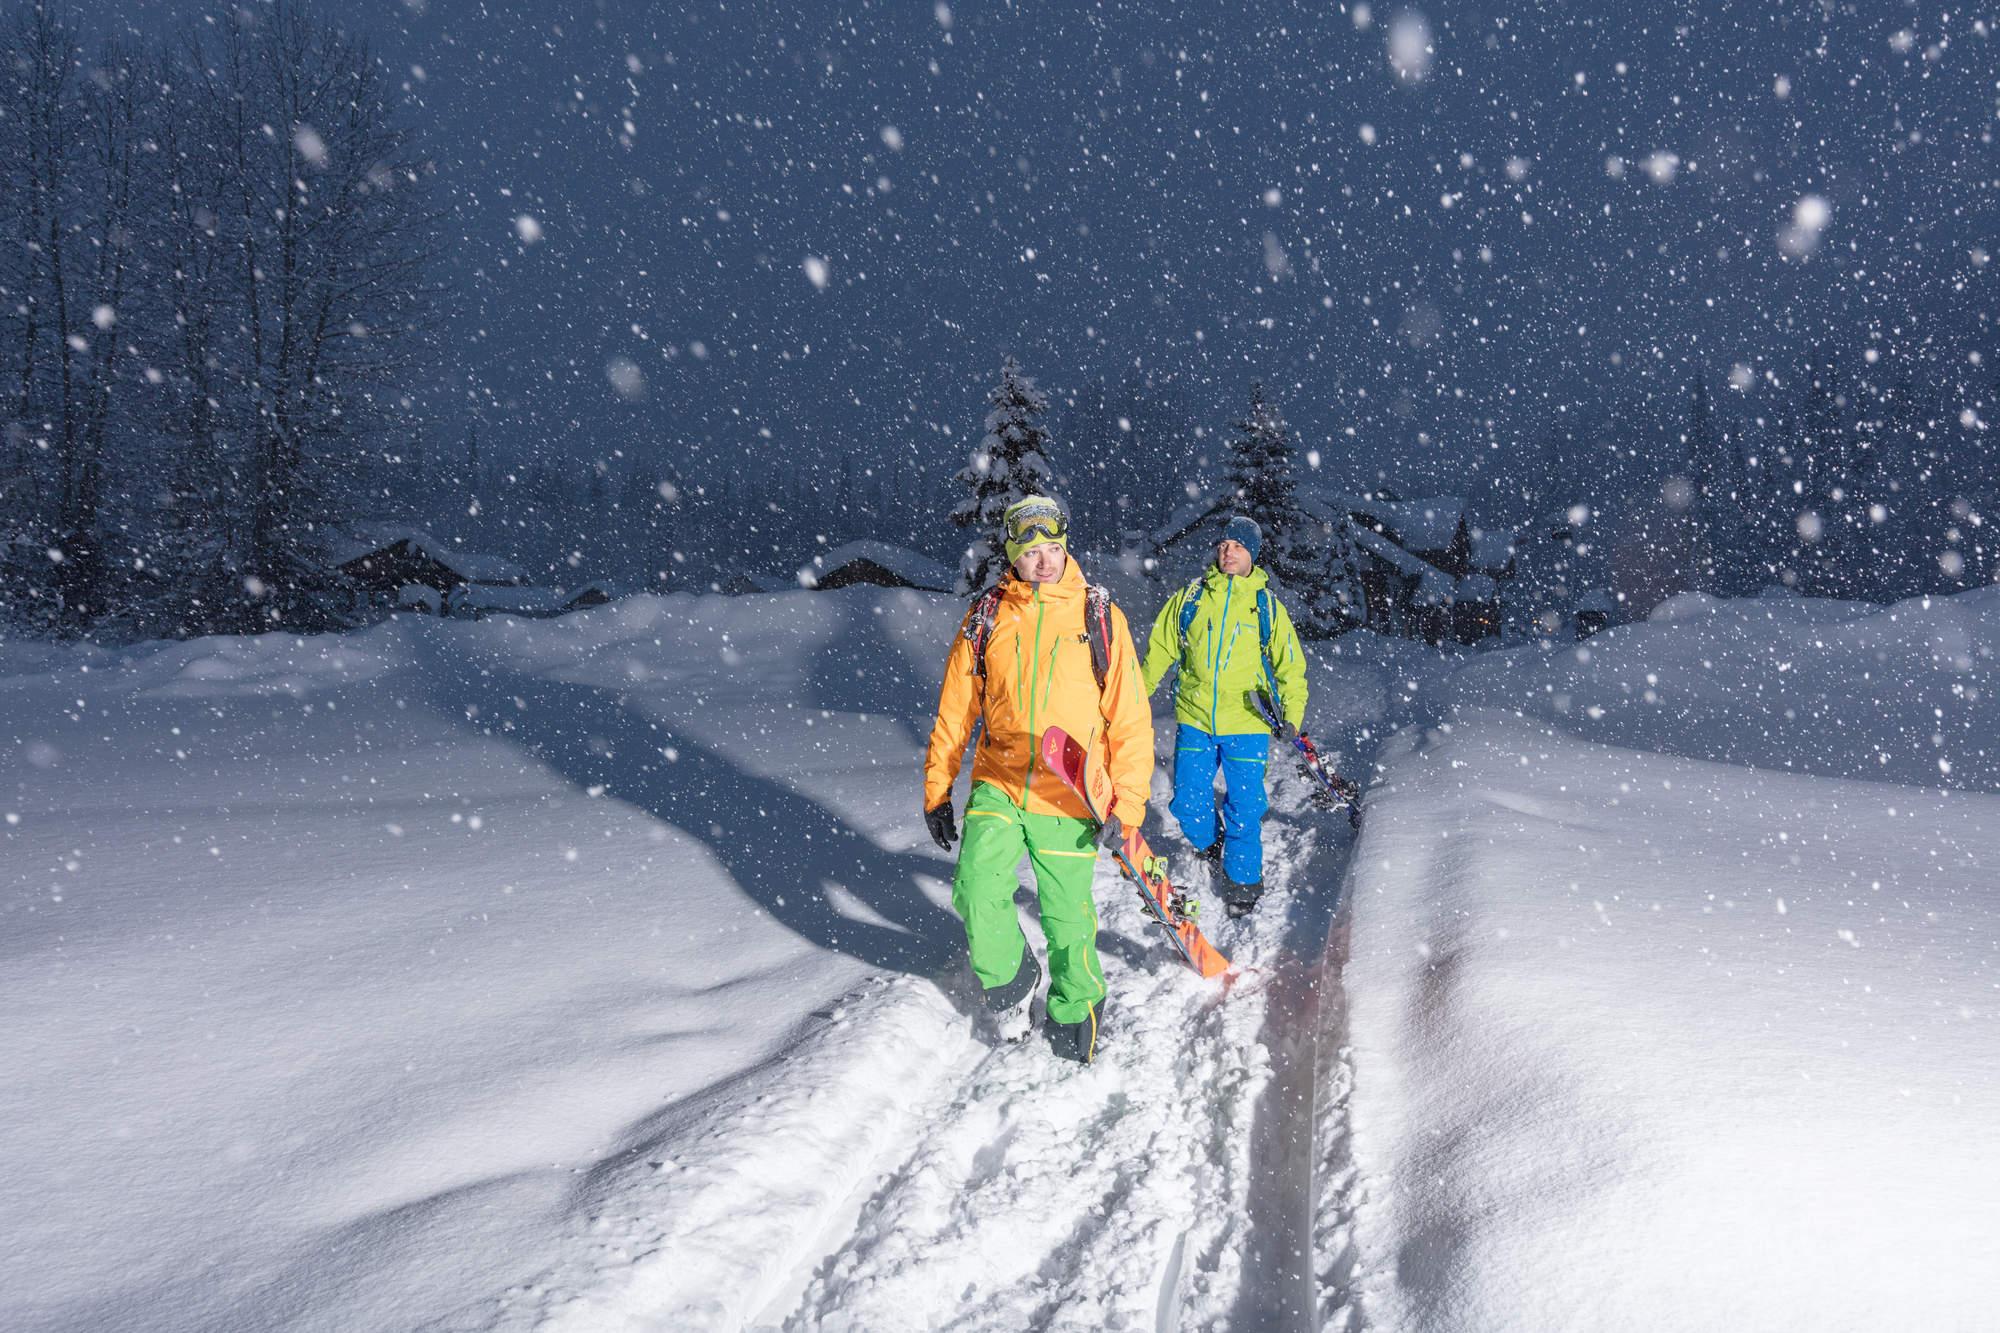 6 Deep Winter Heli Skiing BC